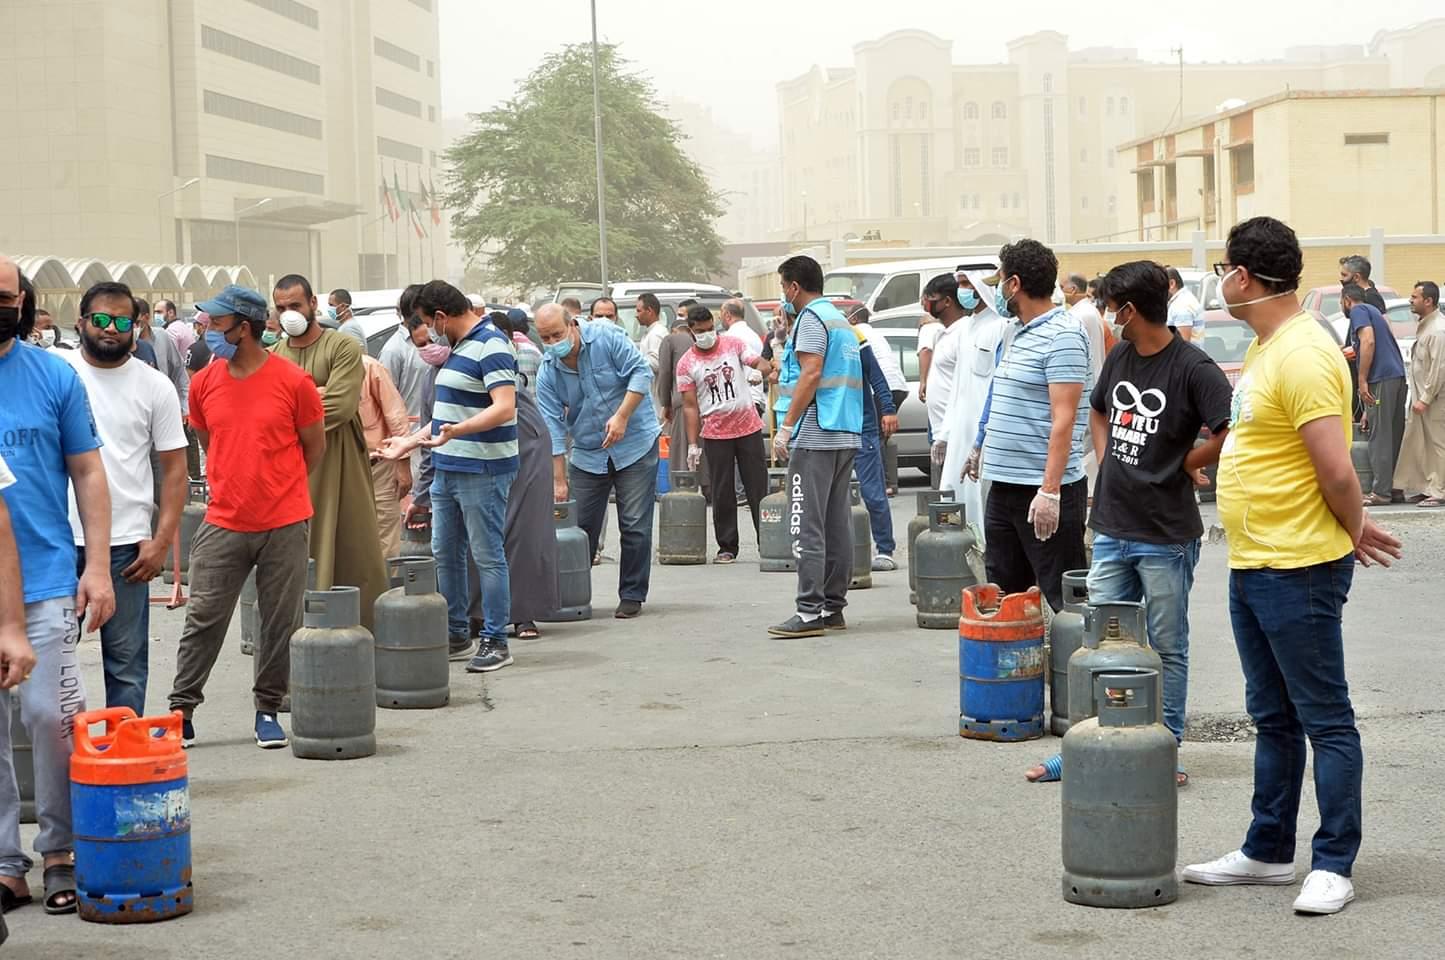 أناس يتجمعون أمام مركز لتوزيع الغاز في محافظة حولي بالكويت يوم 10 مايو 2020. وأعلنت الحكومة الكويتية في وقت متأخر من يوم الجمعة حظر تجوال كاملا فى البلاد لمدة ثلاثة أسابيع للحد من الارتفاع السريع في حالات الإصابة بفيروس كورونا الجديد.